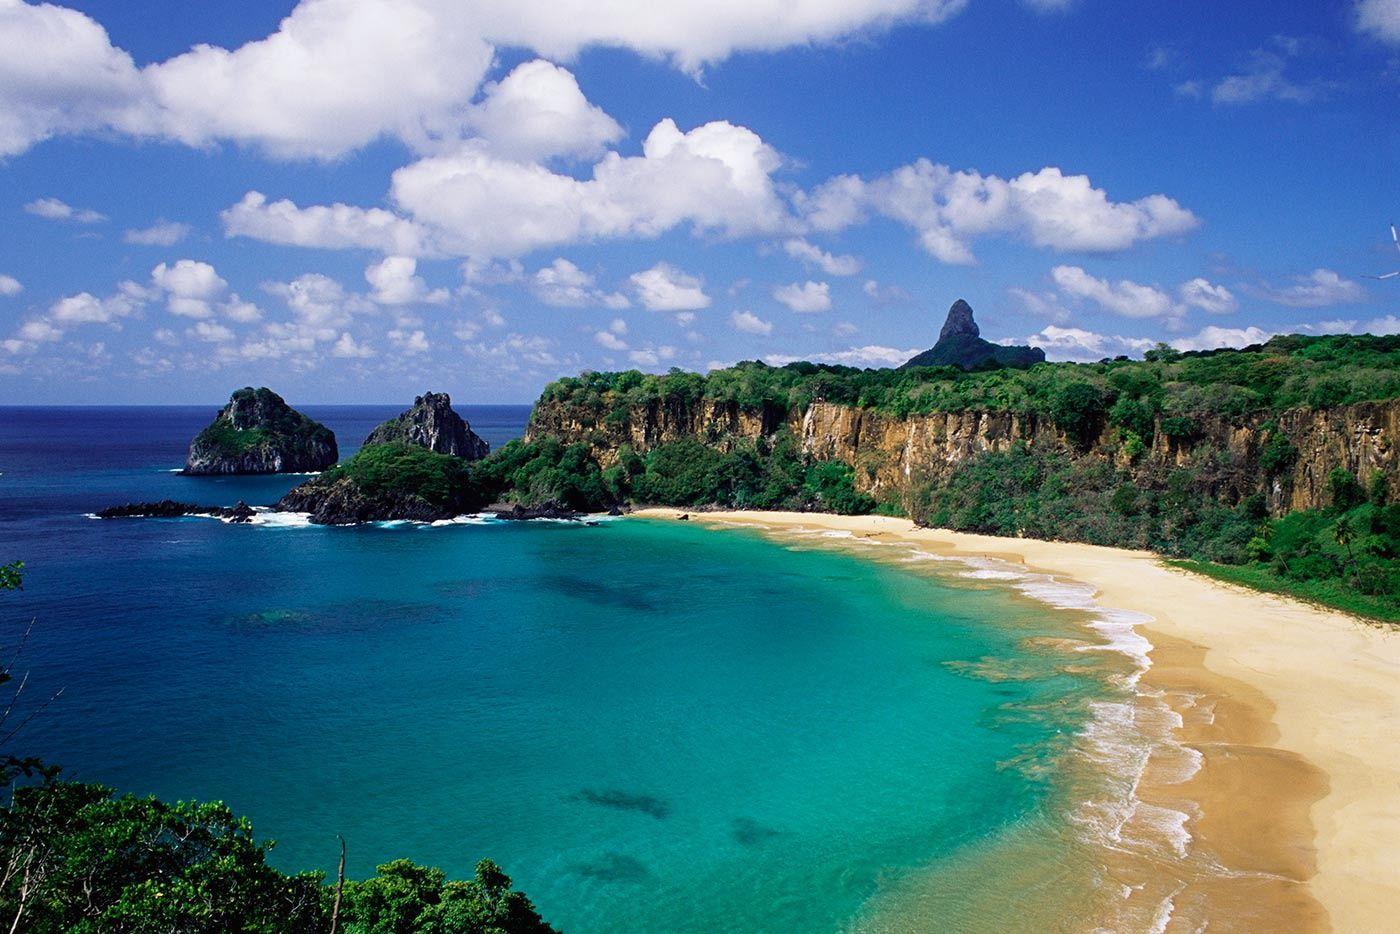 Así son los paisajes que pueden verse en las mejores playas de Brasil